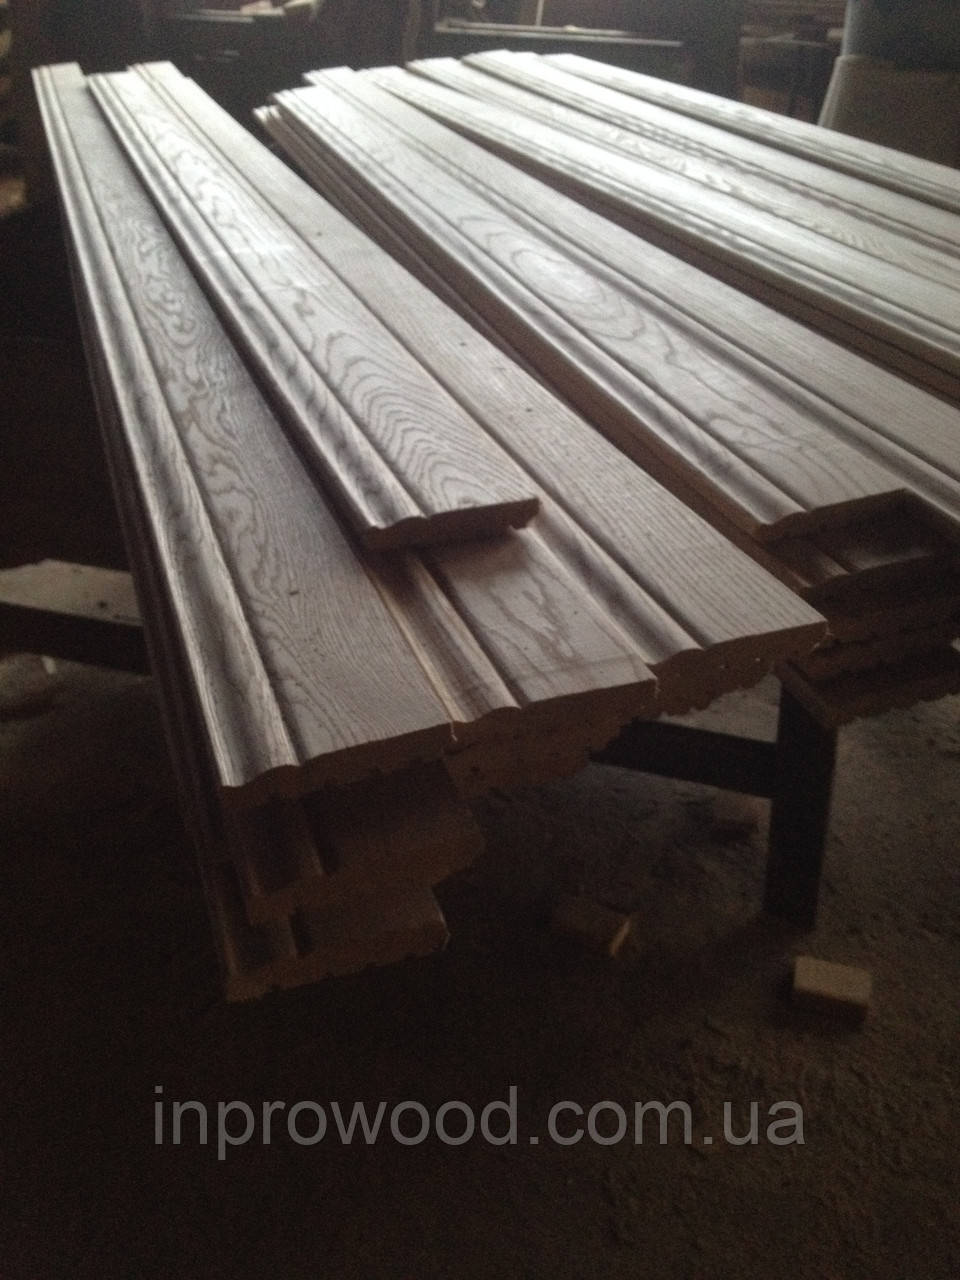 Високий дерев'яний плінтус Ясен 100х20мм